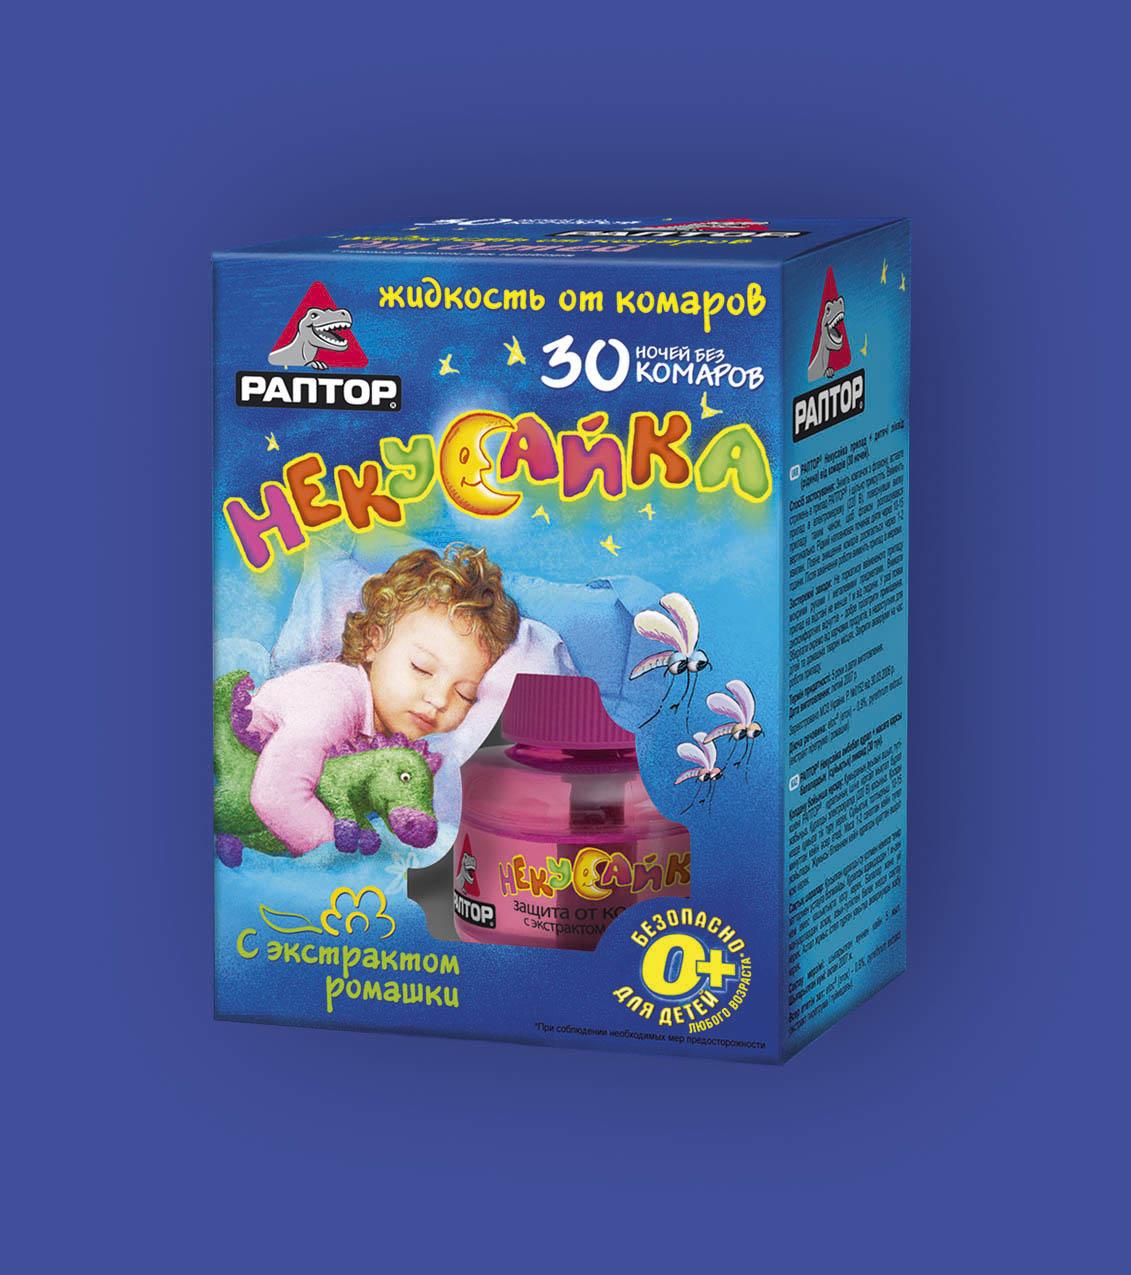 Жидкость РАПТОР от комаров 30 ночей для РЕПЕЛЛЕНТЫ И ИНСЕКТИЦИДЫ<br>Нежно защитит детский сон от безжалостных <br>комаров. Больше малыши никогда не будут <br>страдать от болезненных укусов «комариков». <br>При открытых окнах или форточках прибор <br>с жидкостью можно оставить включенным на <br>всю ночь для уничтожения залетающих комаров. <br>Один флакон жидкости рассчитан на 30 ночей <br>(240 часов).<br>